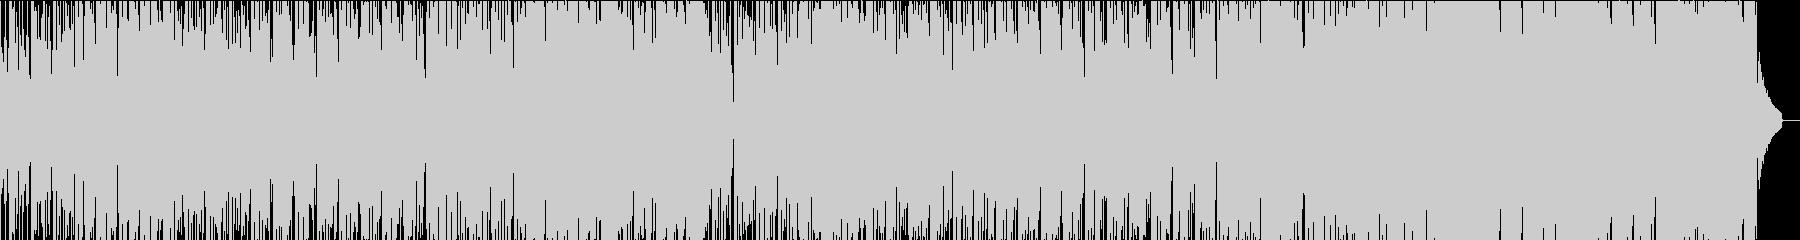 ホーン・フィーチャーのクールなチルアウトの未再生の波形